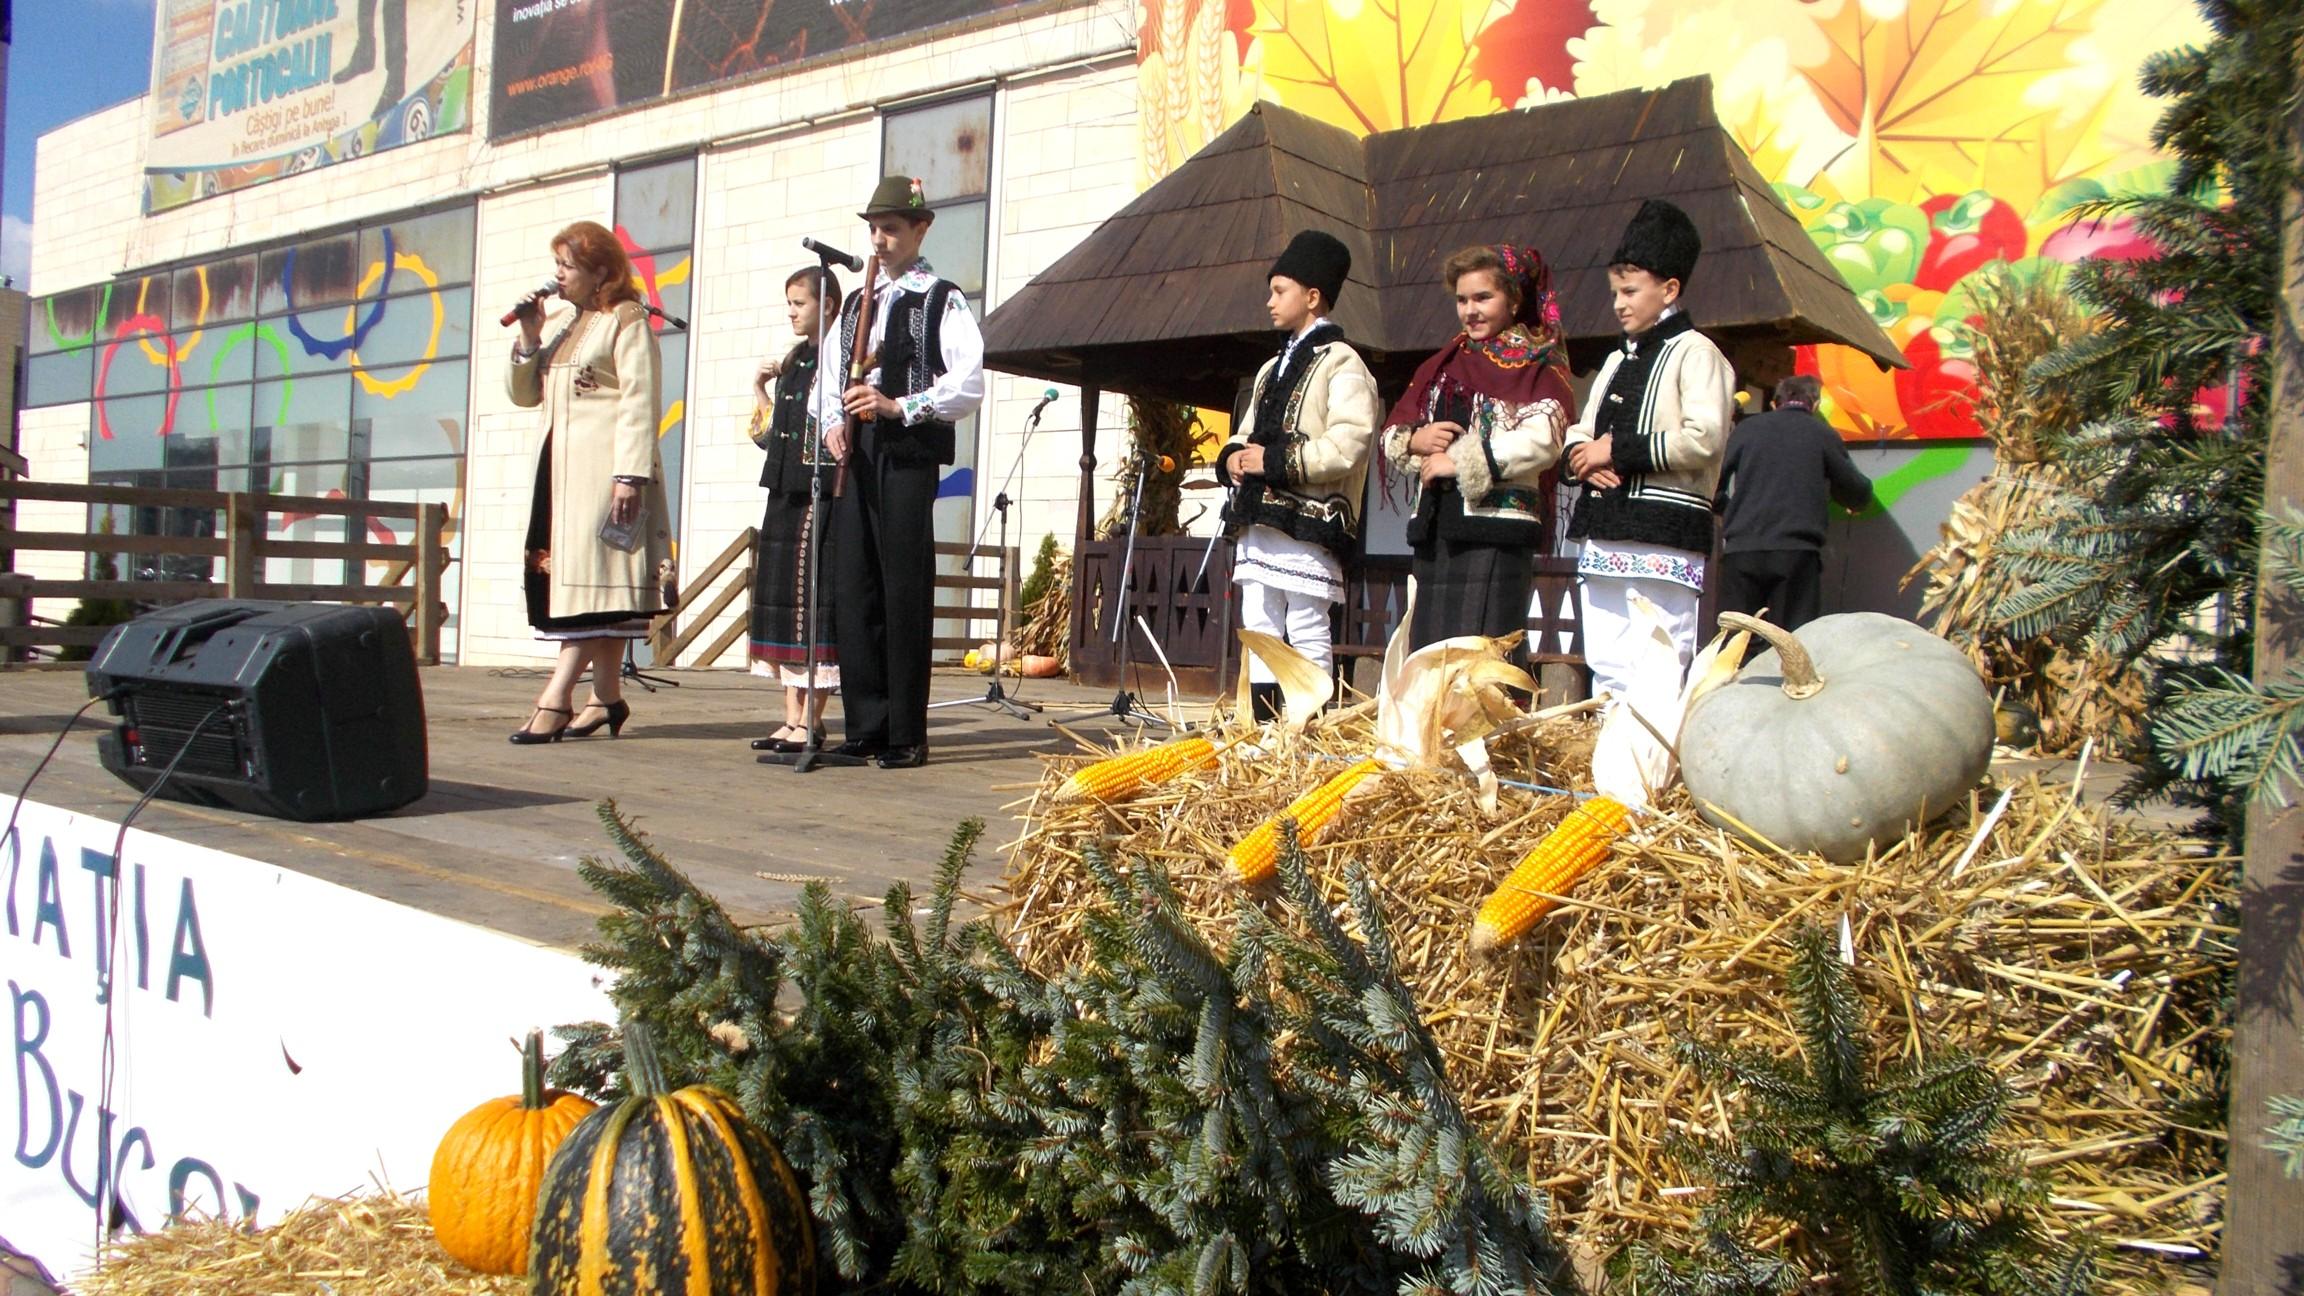 Gabi Teişanu, prezentându-i lui Bin Laden pe micii mari artişti Nicoleta Afrăsânei, Alexandru Cozaciuc, Gabriel Treteag, Petronela Popa şi Ghoerghiţă Plăcintă